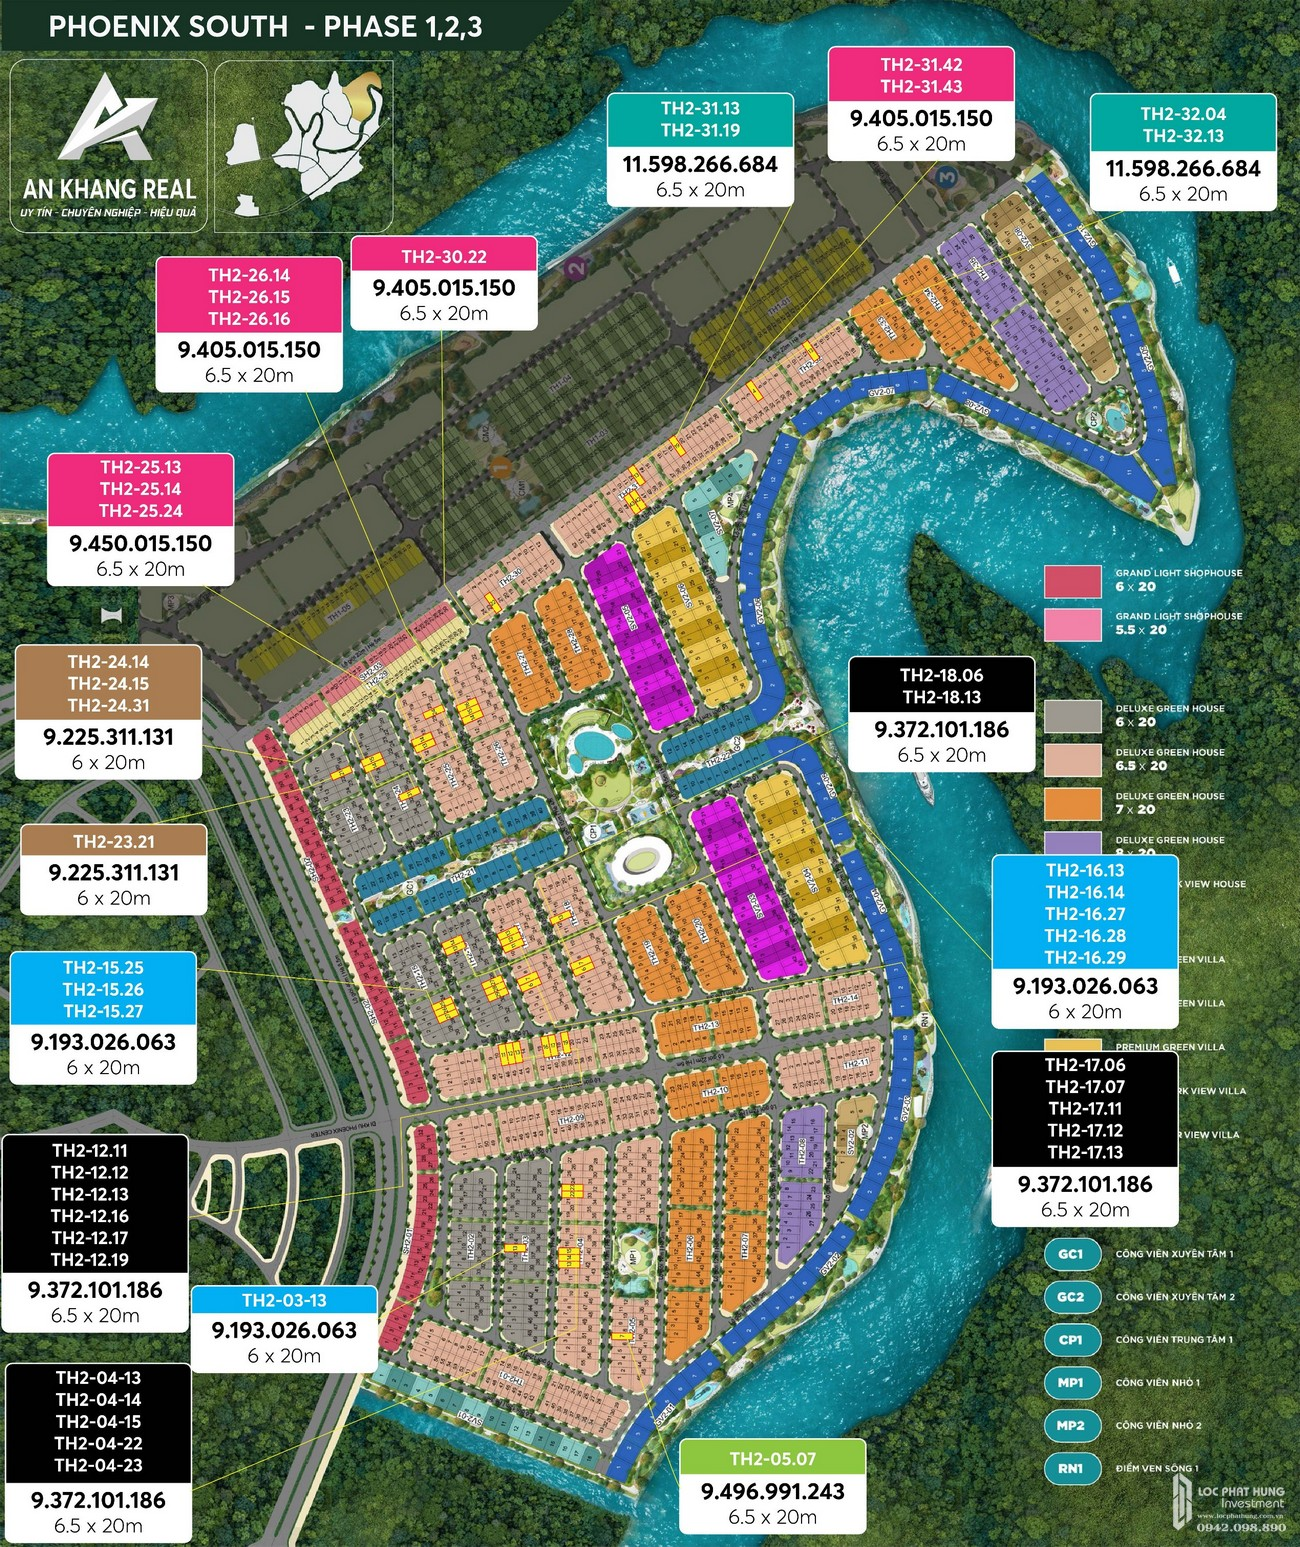 Bảng giá phân khu Phoenix South - dự án Aqua City Đồng Nai